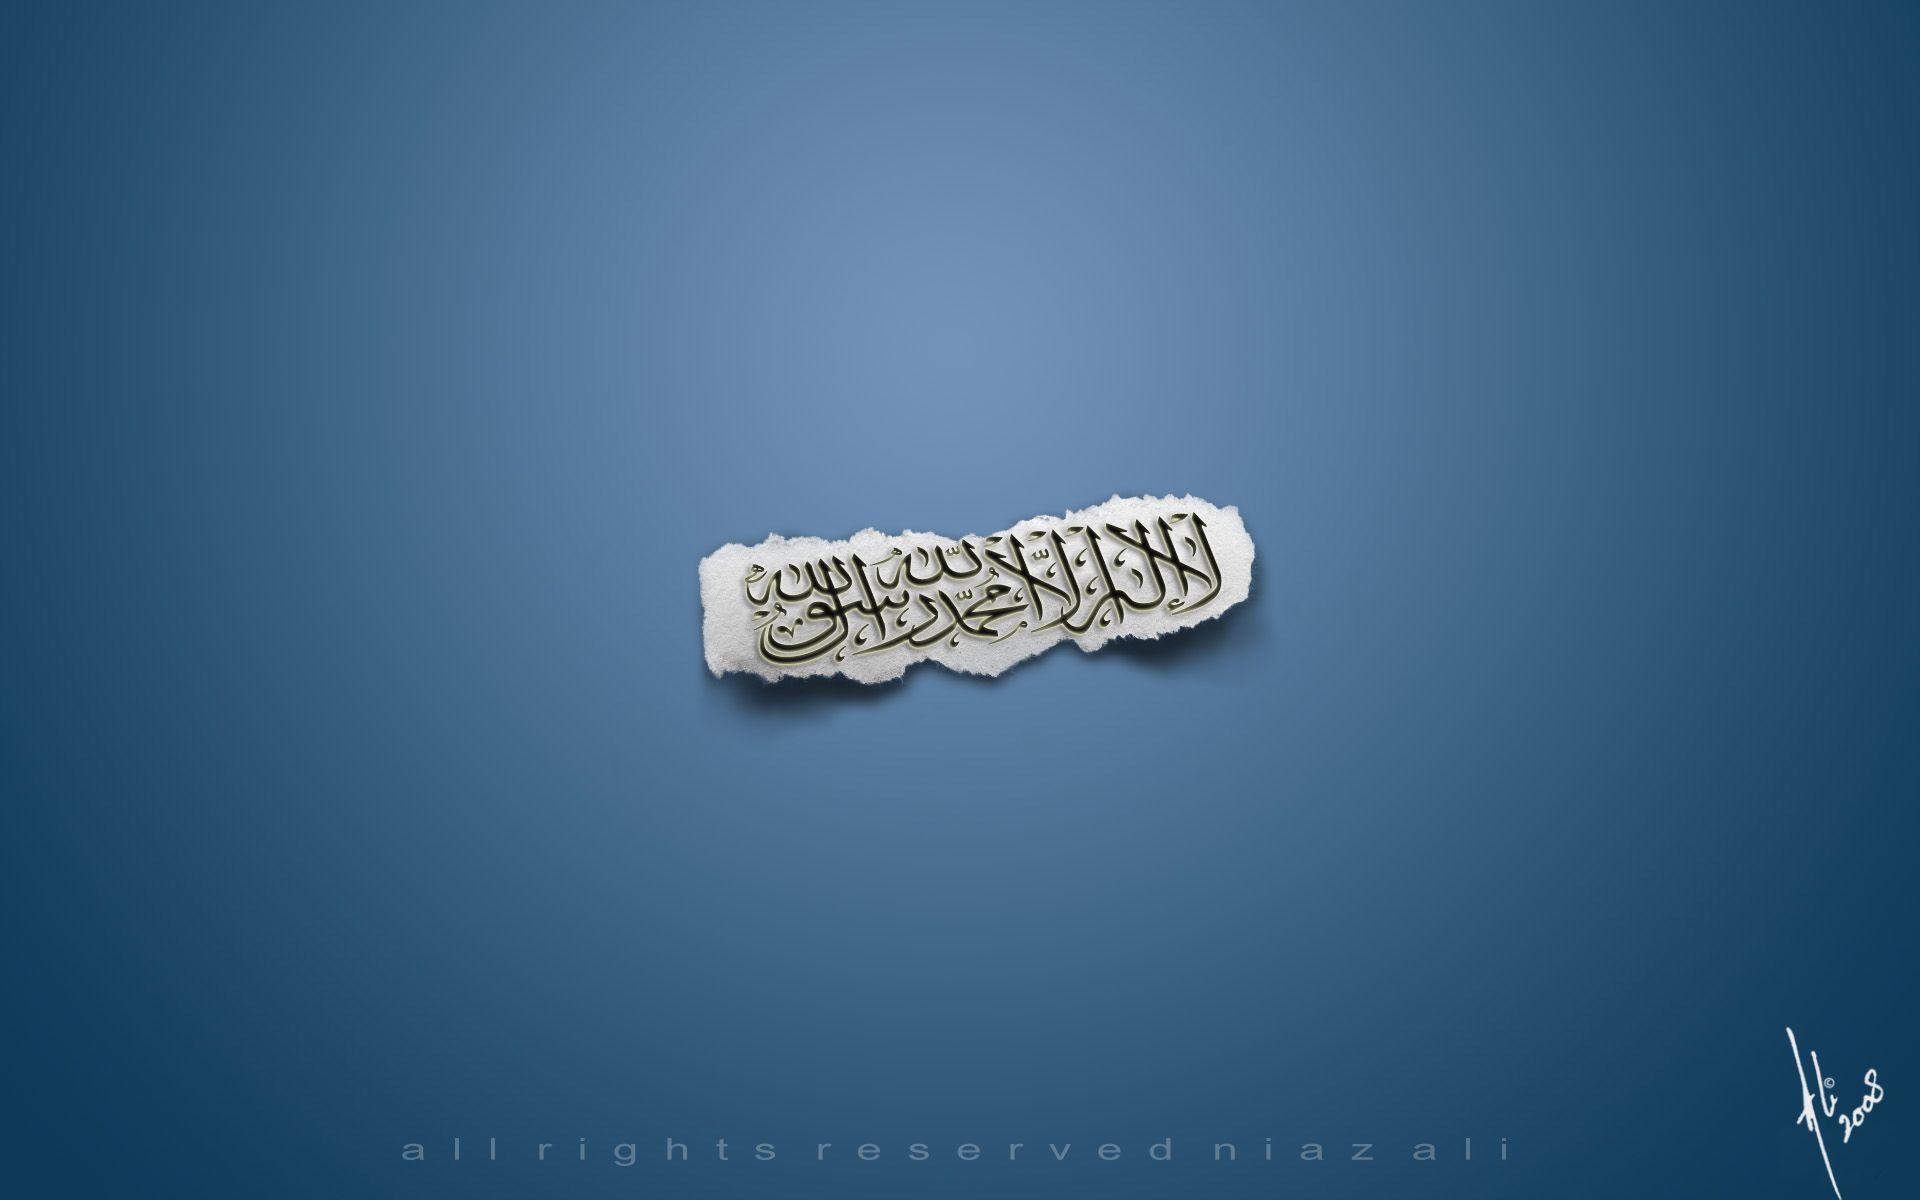 islamic wallpapers hd islam and islamic laws 1920×1200 islamic